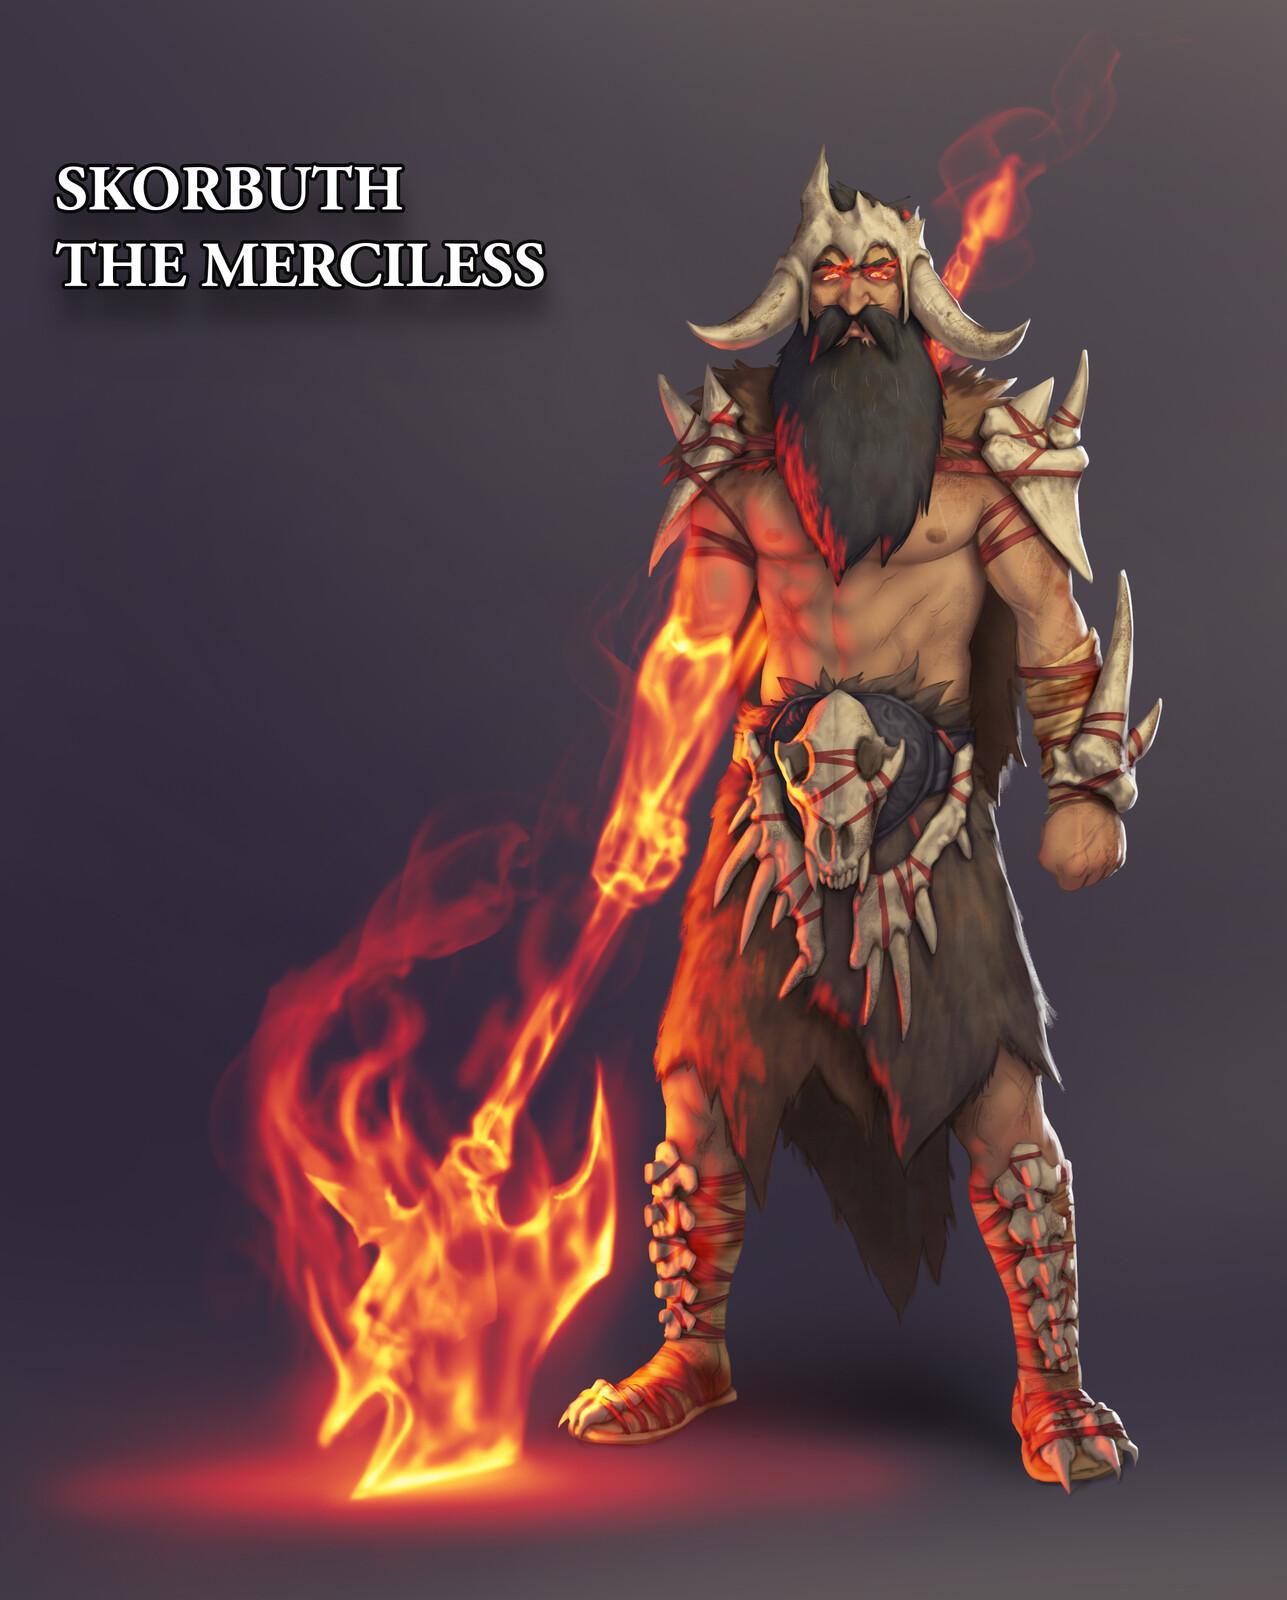 Skorbuth the Merciless